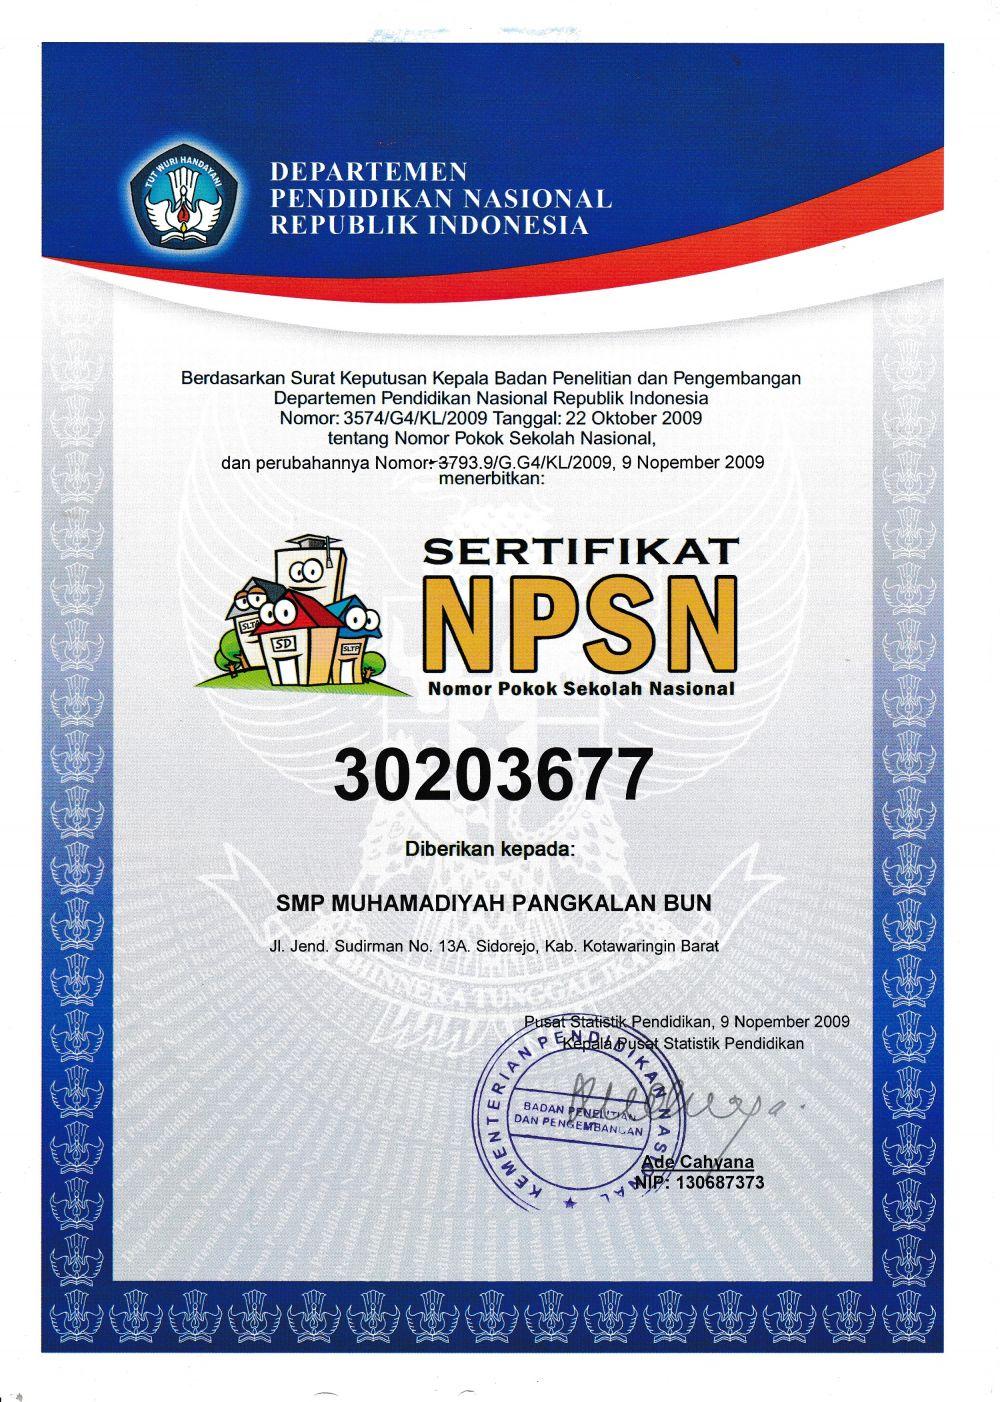 Npsn Smp Pdm Kabupaten Kotawaringin Barat Muhammadiyah